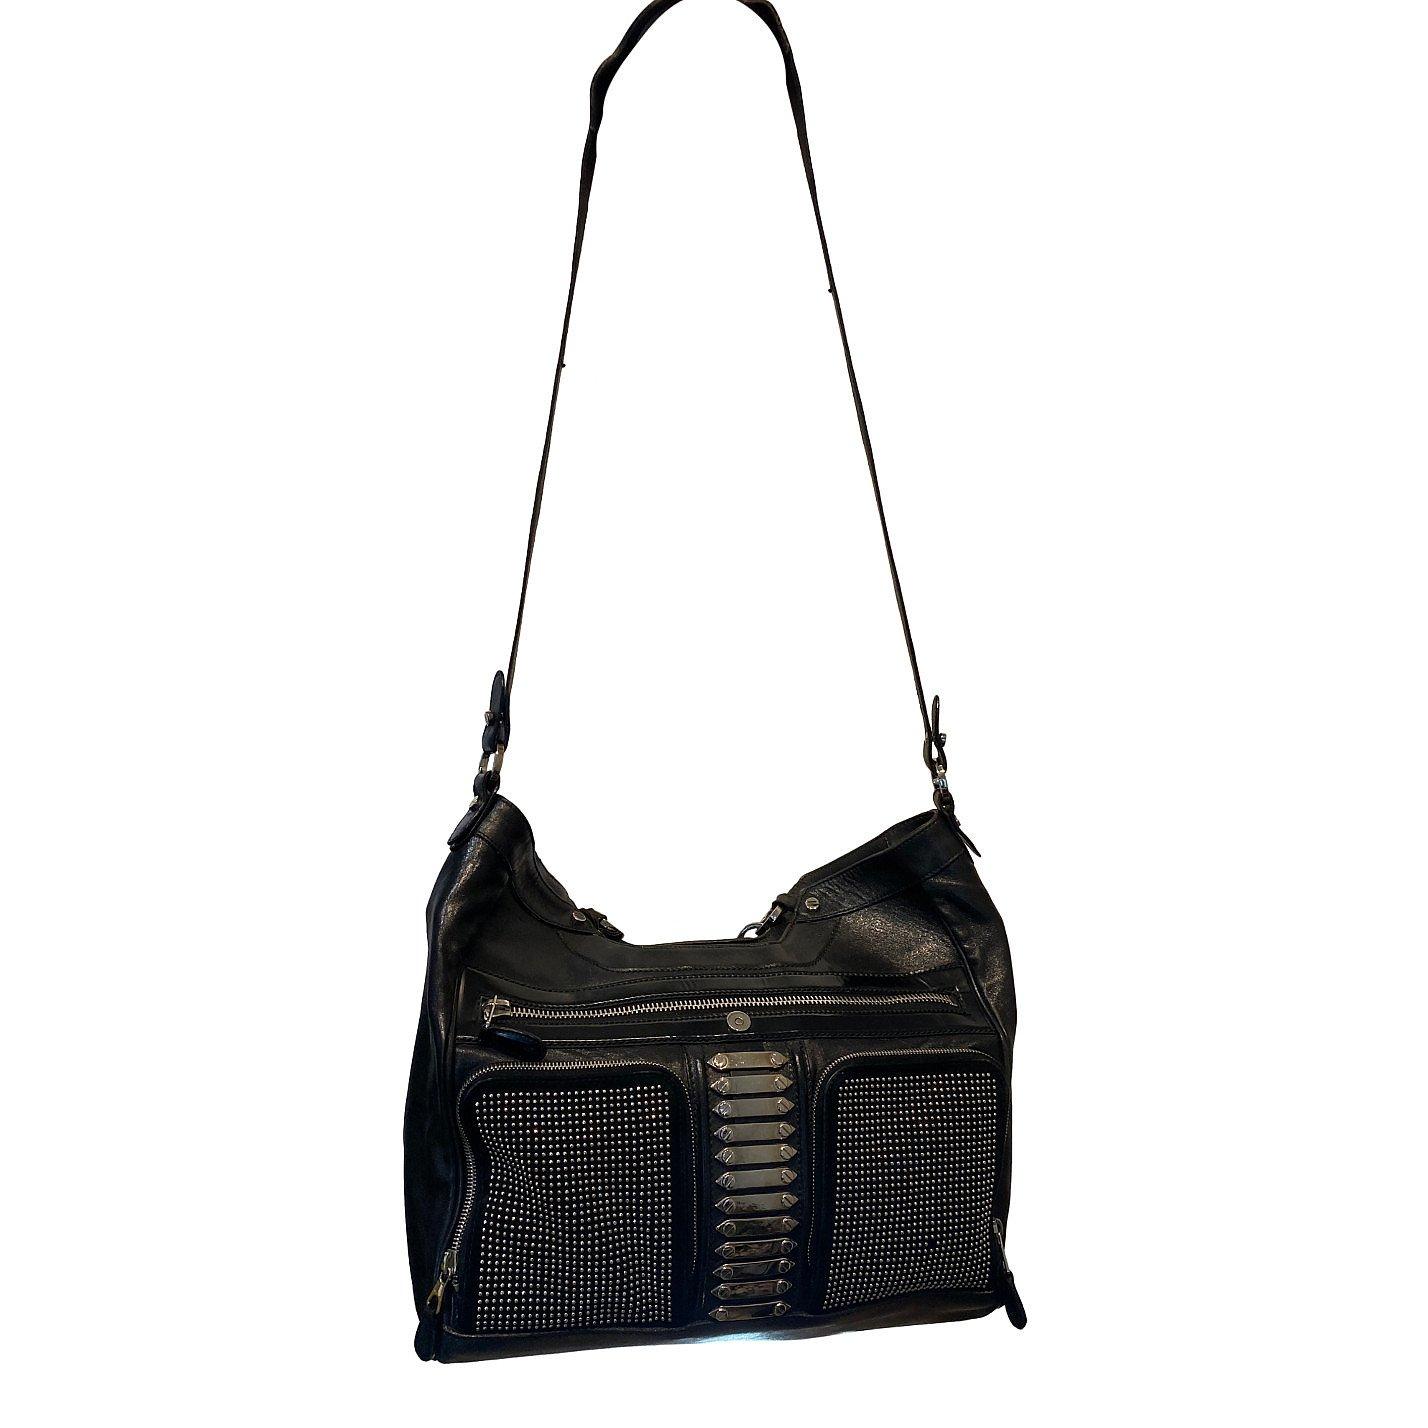 Balenciaga Studded Leather Bag